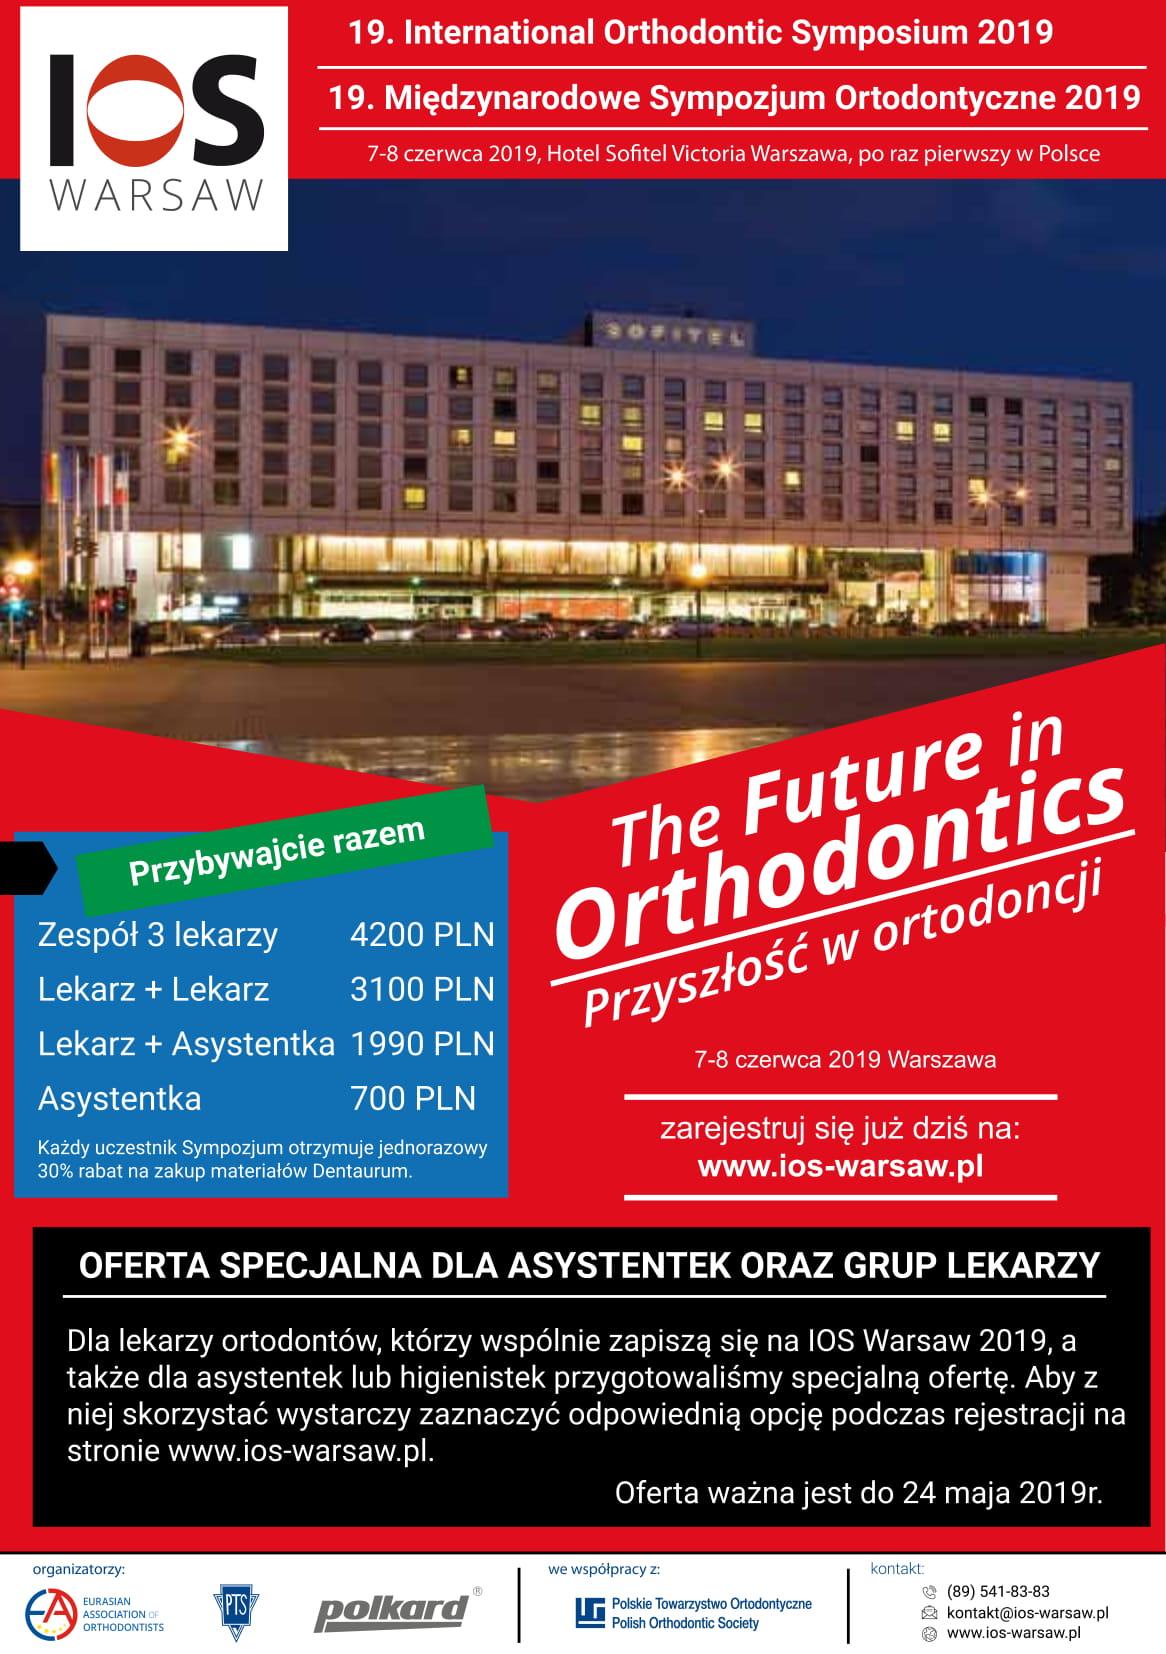 International Orthodontic Symposium Warszawa 2019